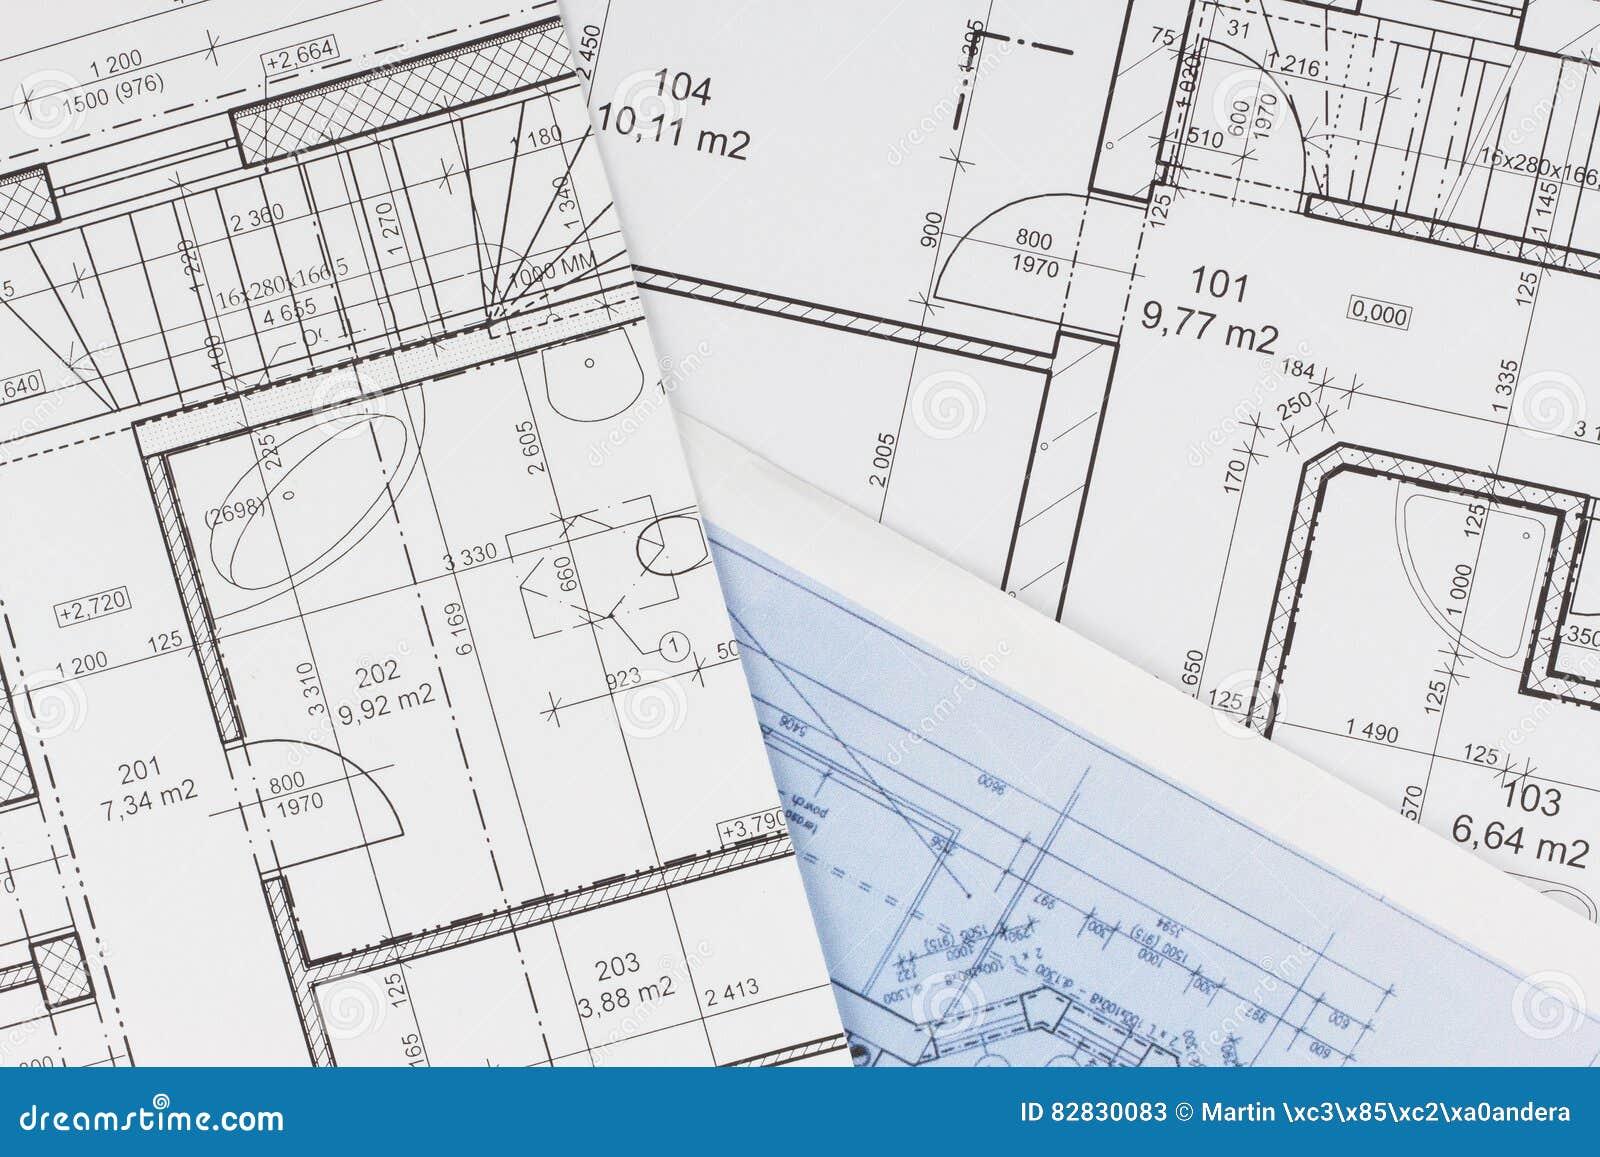 plane des gebaudes planen gebaudemodell und entwurfswerkzeuge auf bau grundriss entwarf gebaude auf der zeichnung